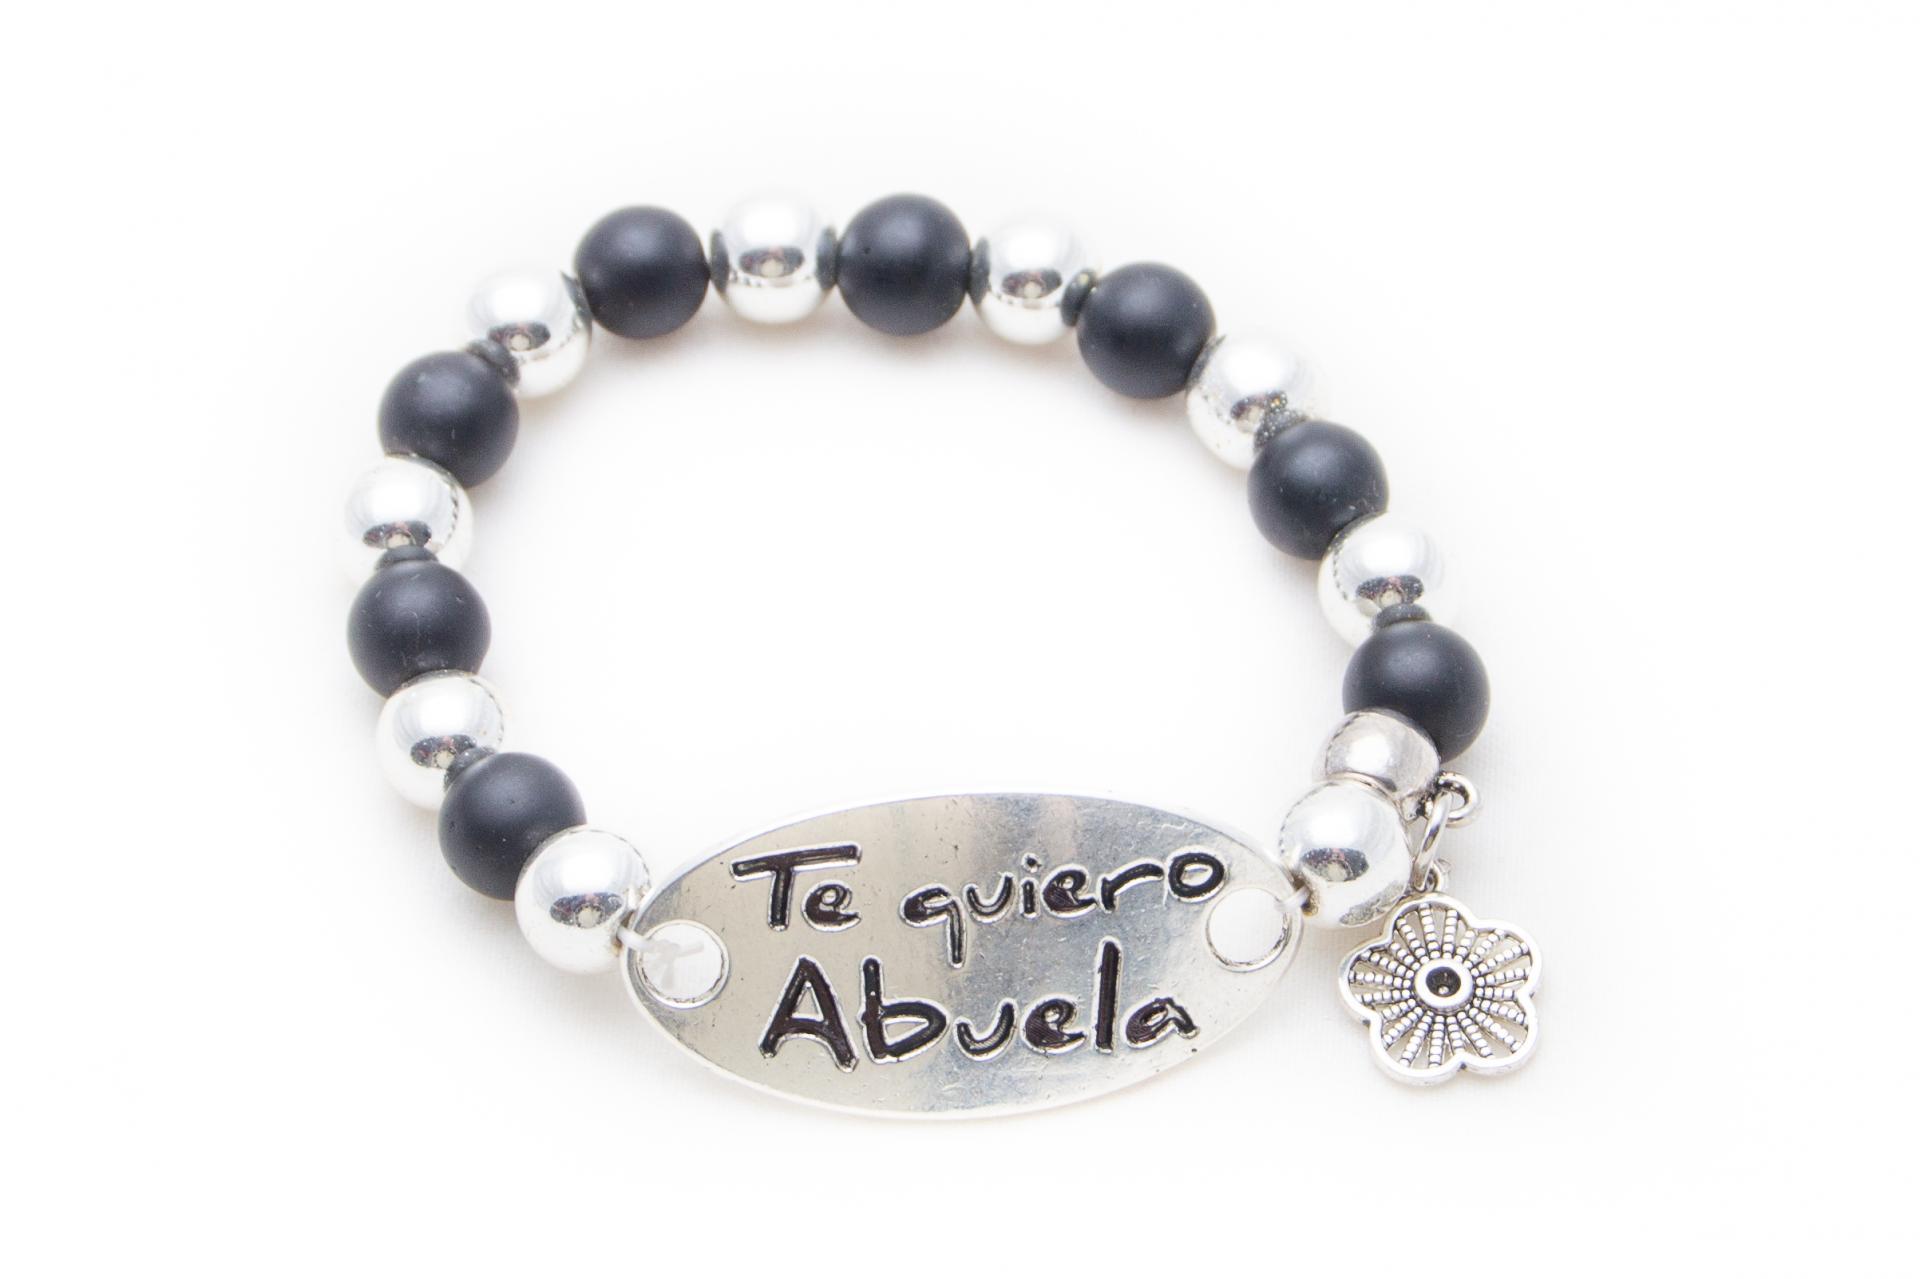 Pulsera personalizada Te quiero abuela